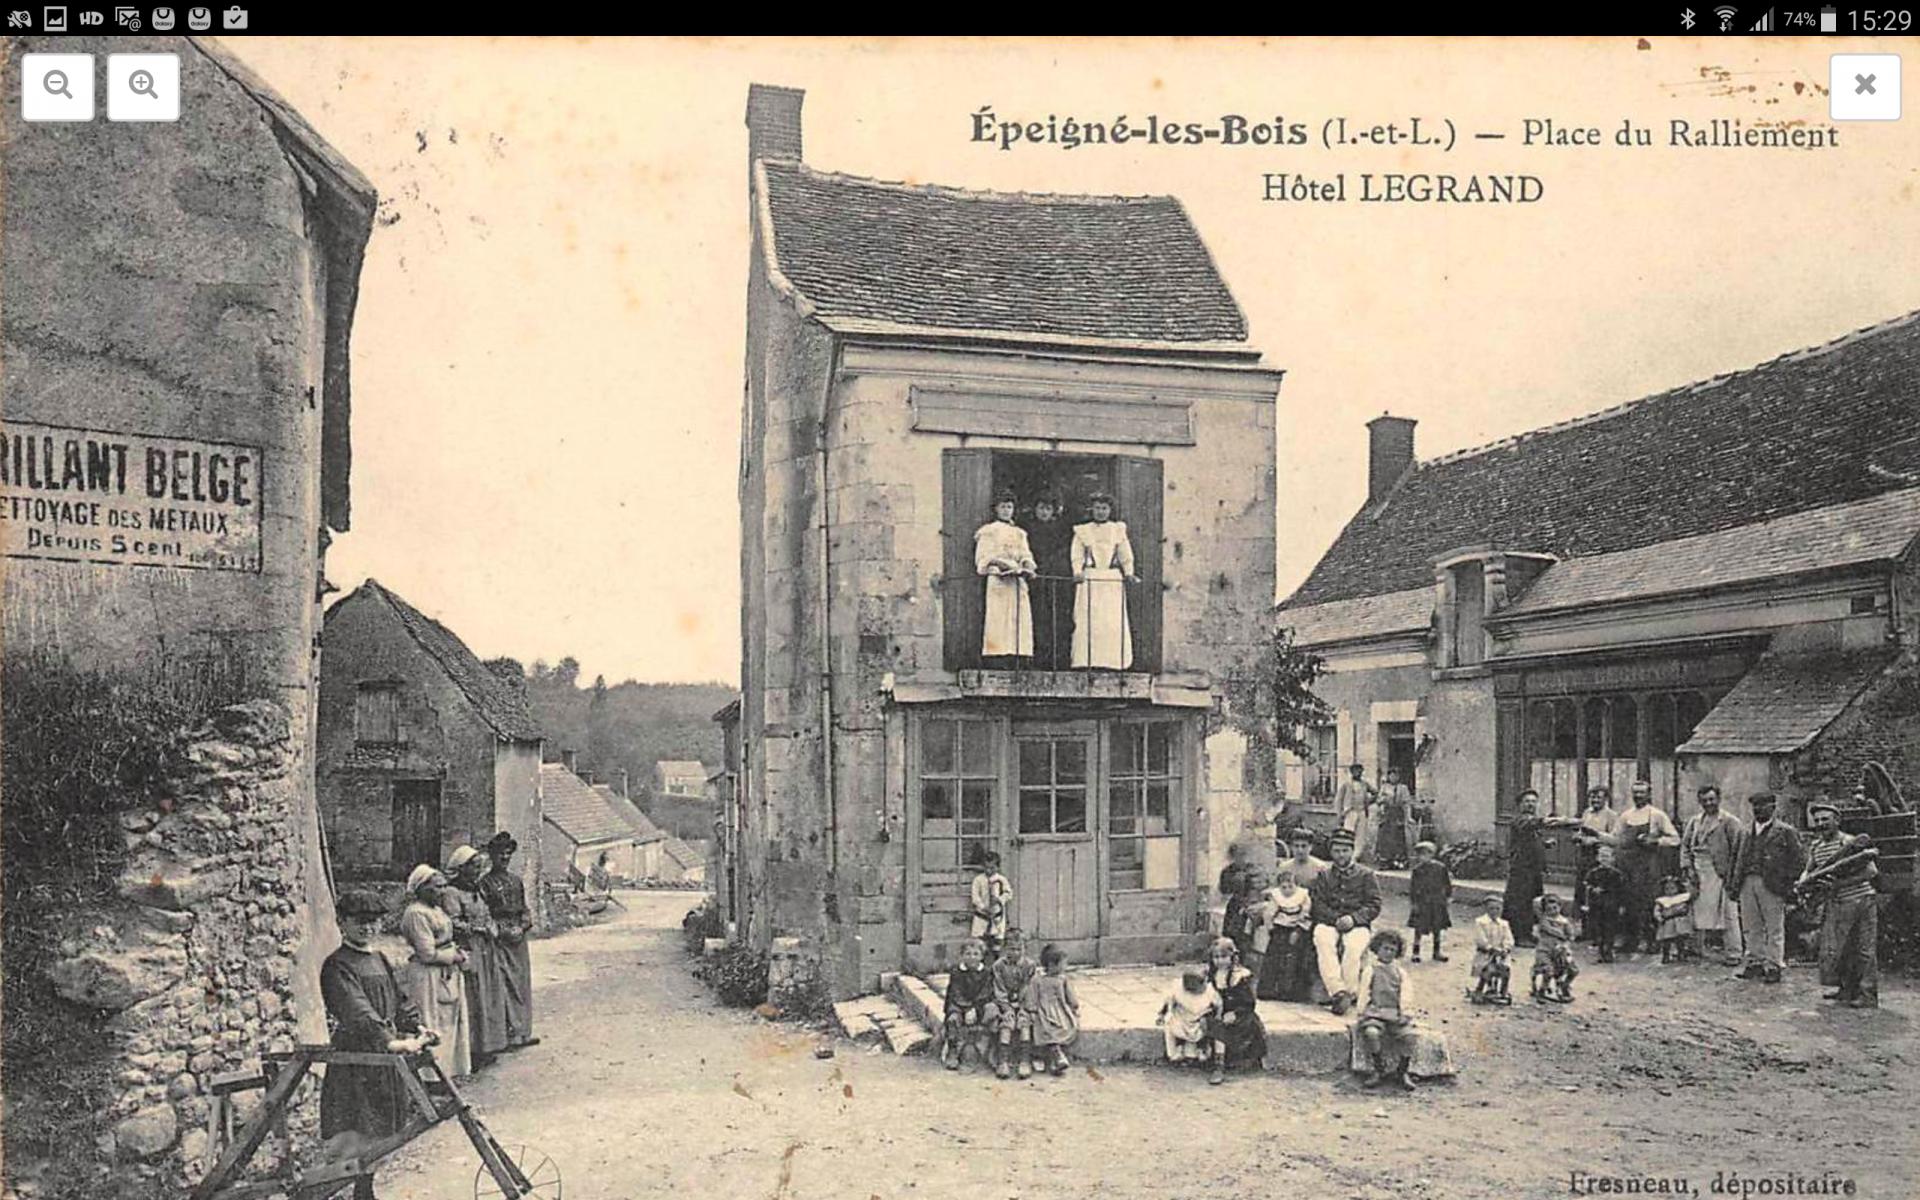 L'hôtel d'Epeigné vers 1910